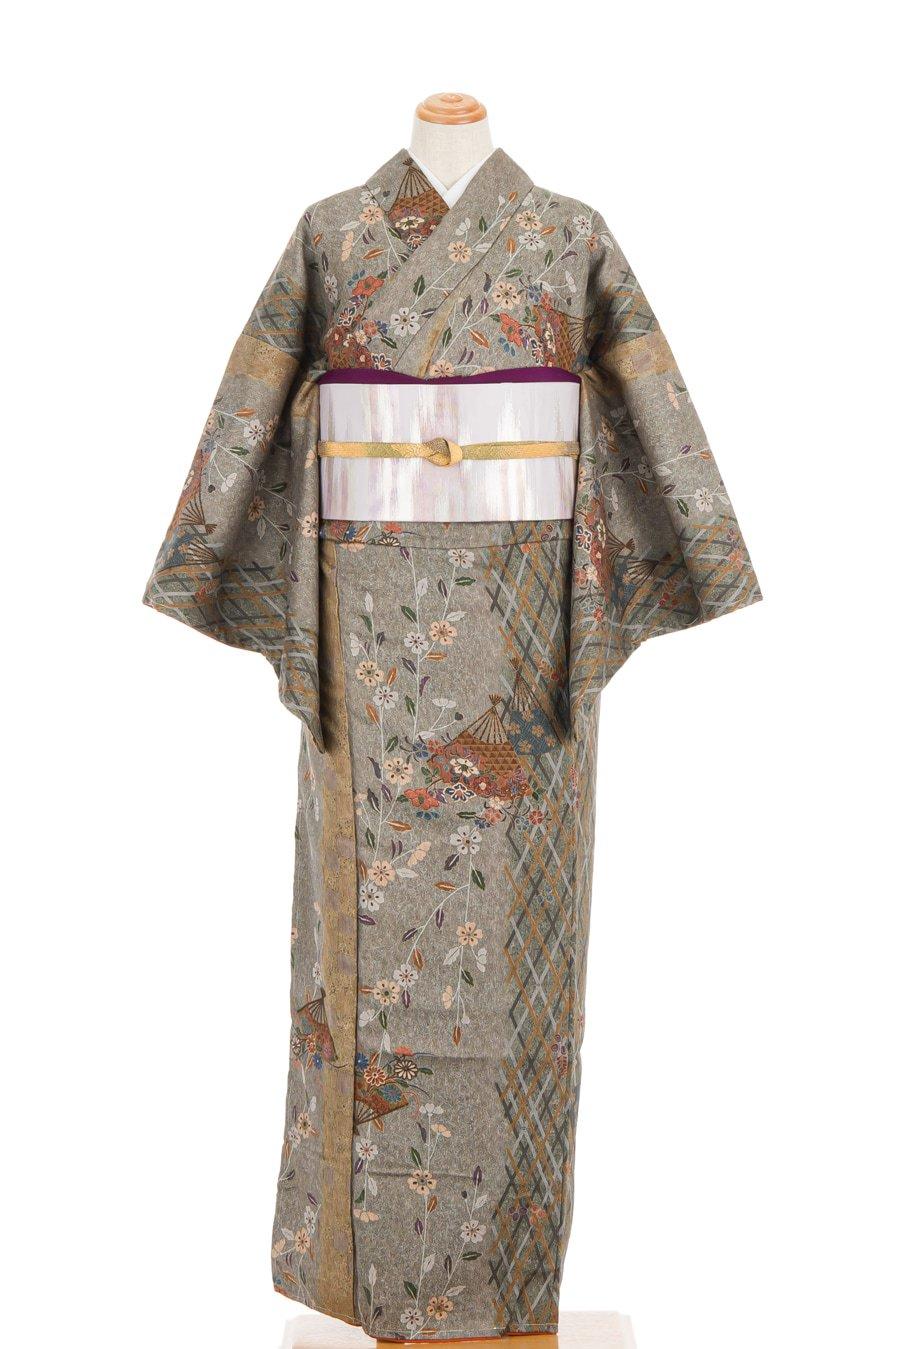 「扇と枝垂れ桜」の商品画像